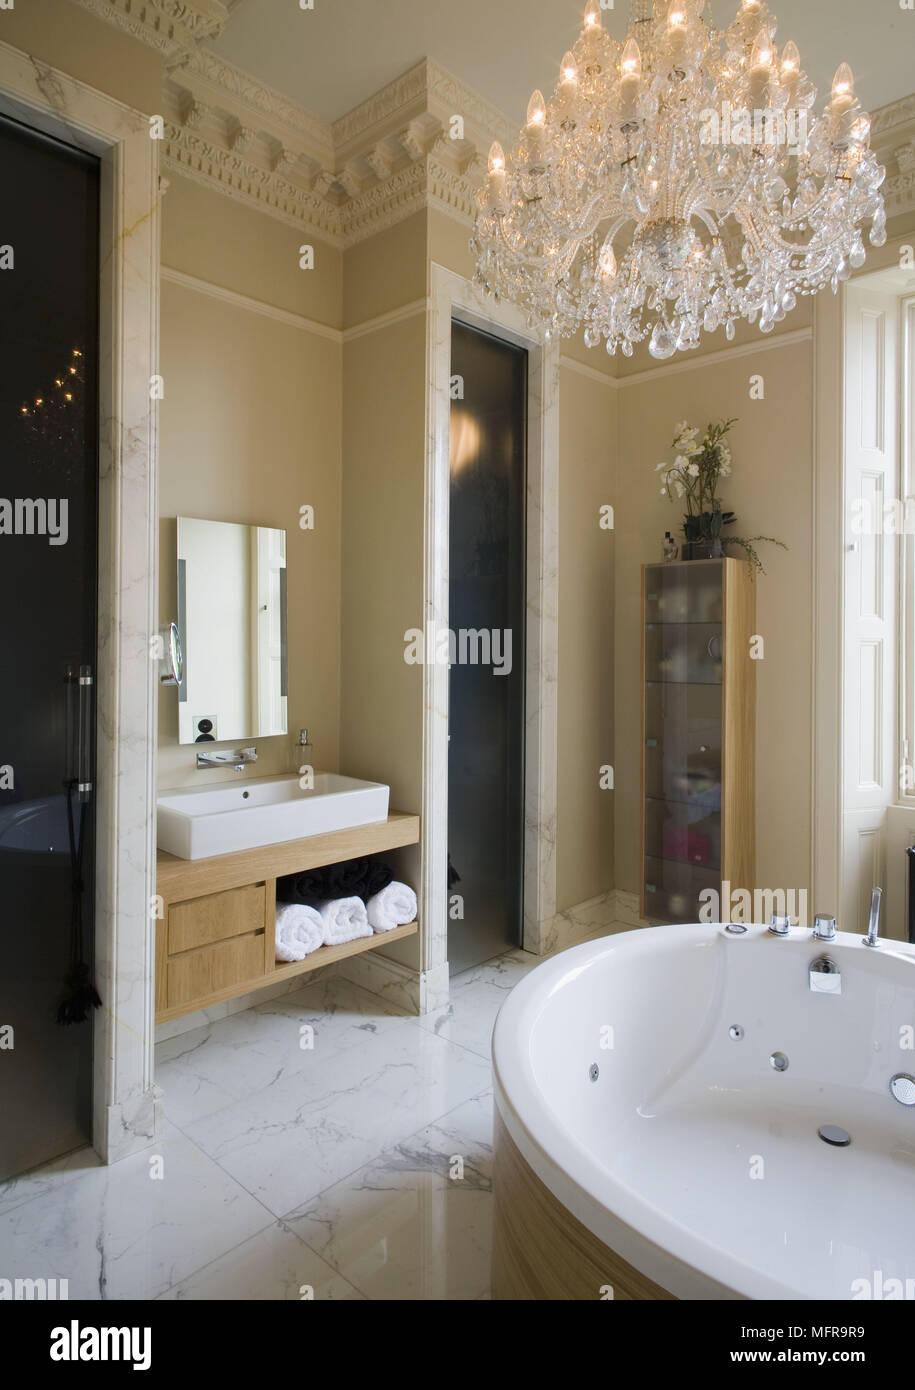 Lampadario in vetro sopra vasca da bagno rotonda in bagno di lusso ...